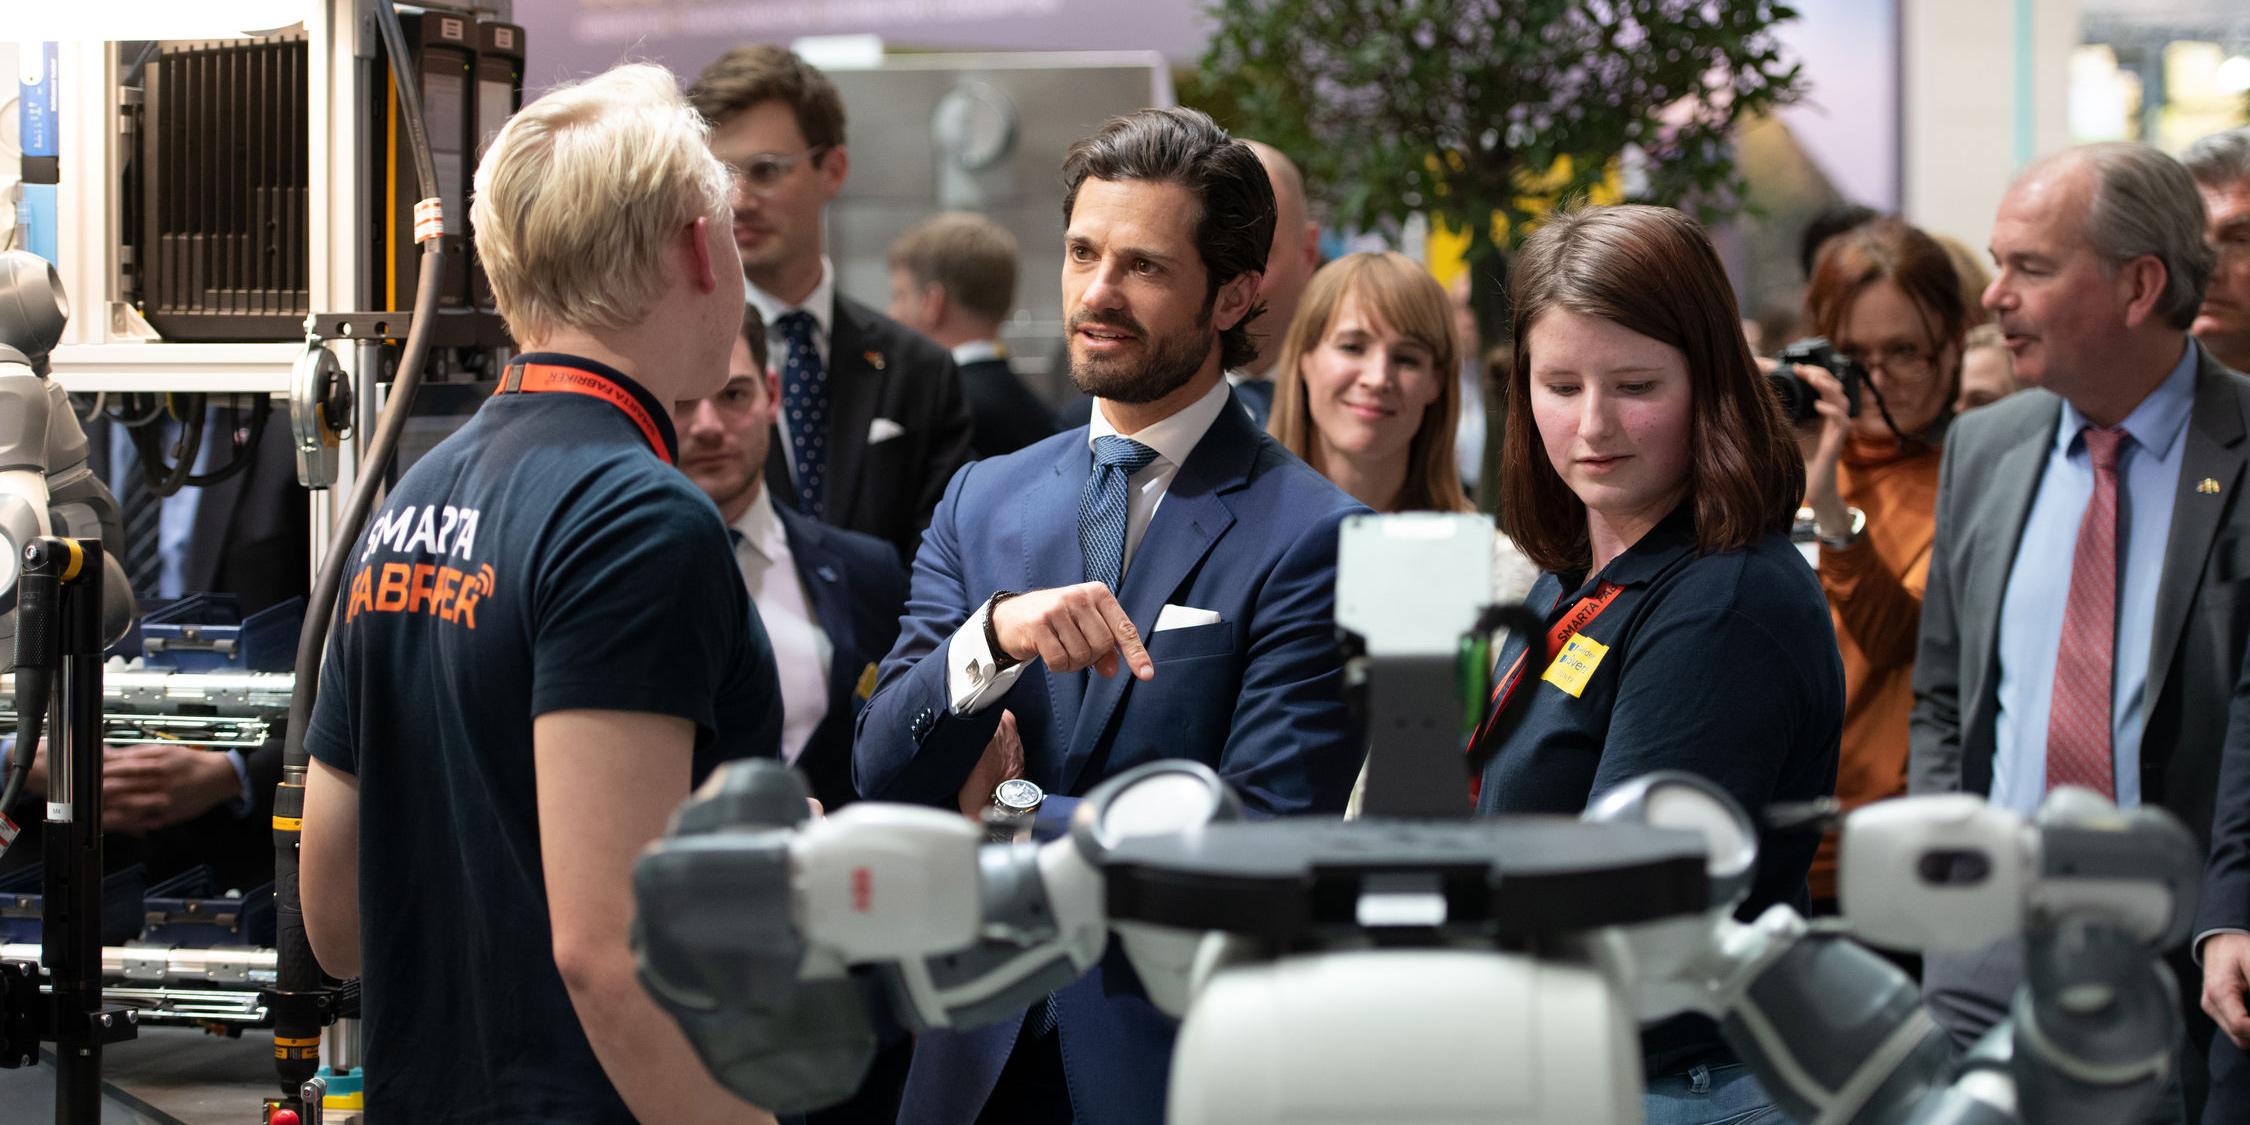 Prins Carl Philip deltog också under mässan, bland annat med ett besök på Volkswagen där även Erik Häggström och ett flertal andra startups deltog. Bilden är från en rundvandring på Hannovermässan med prins Carl Philip.